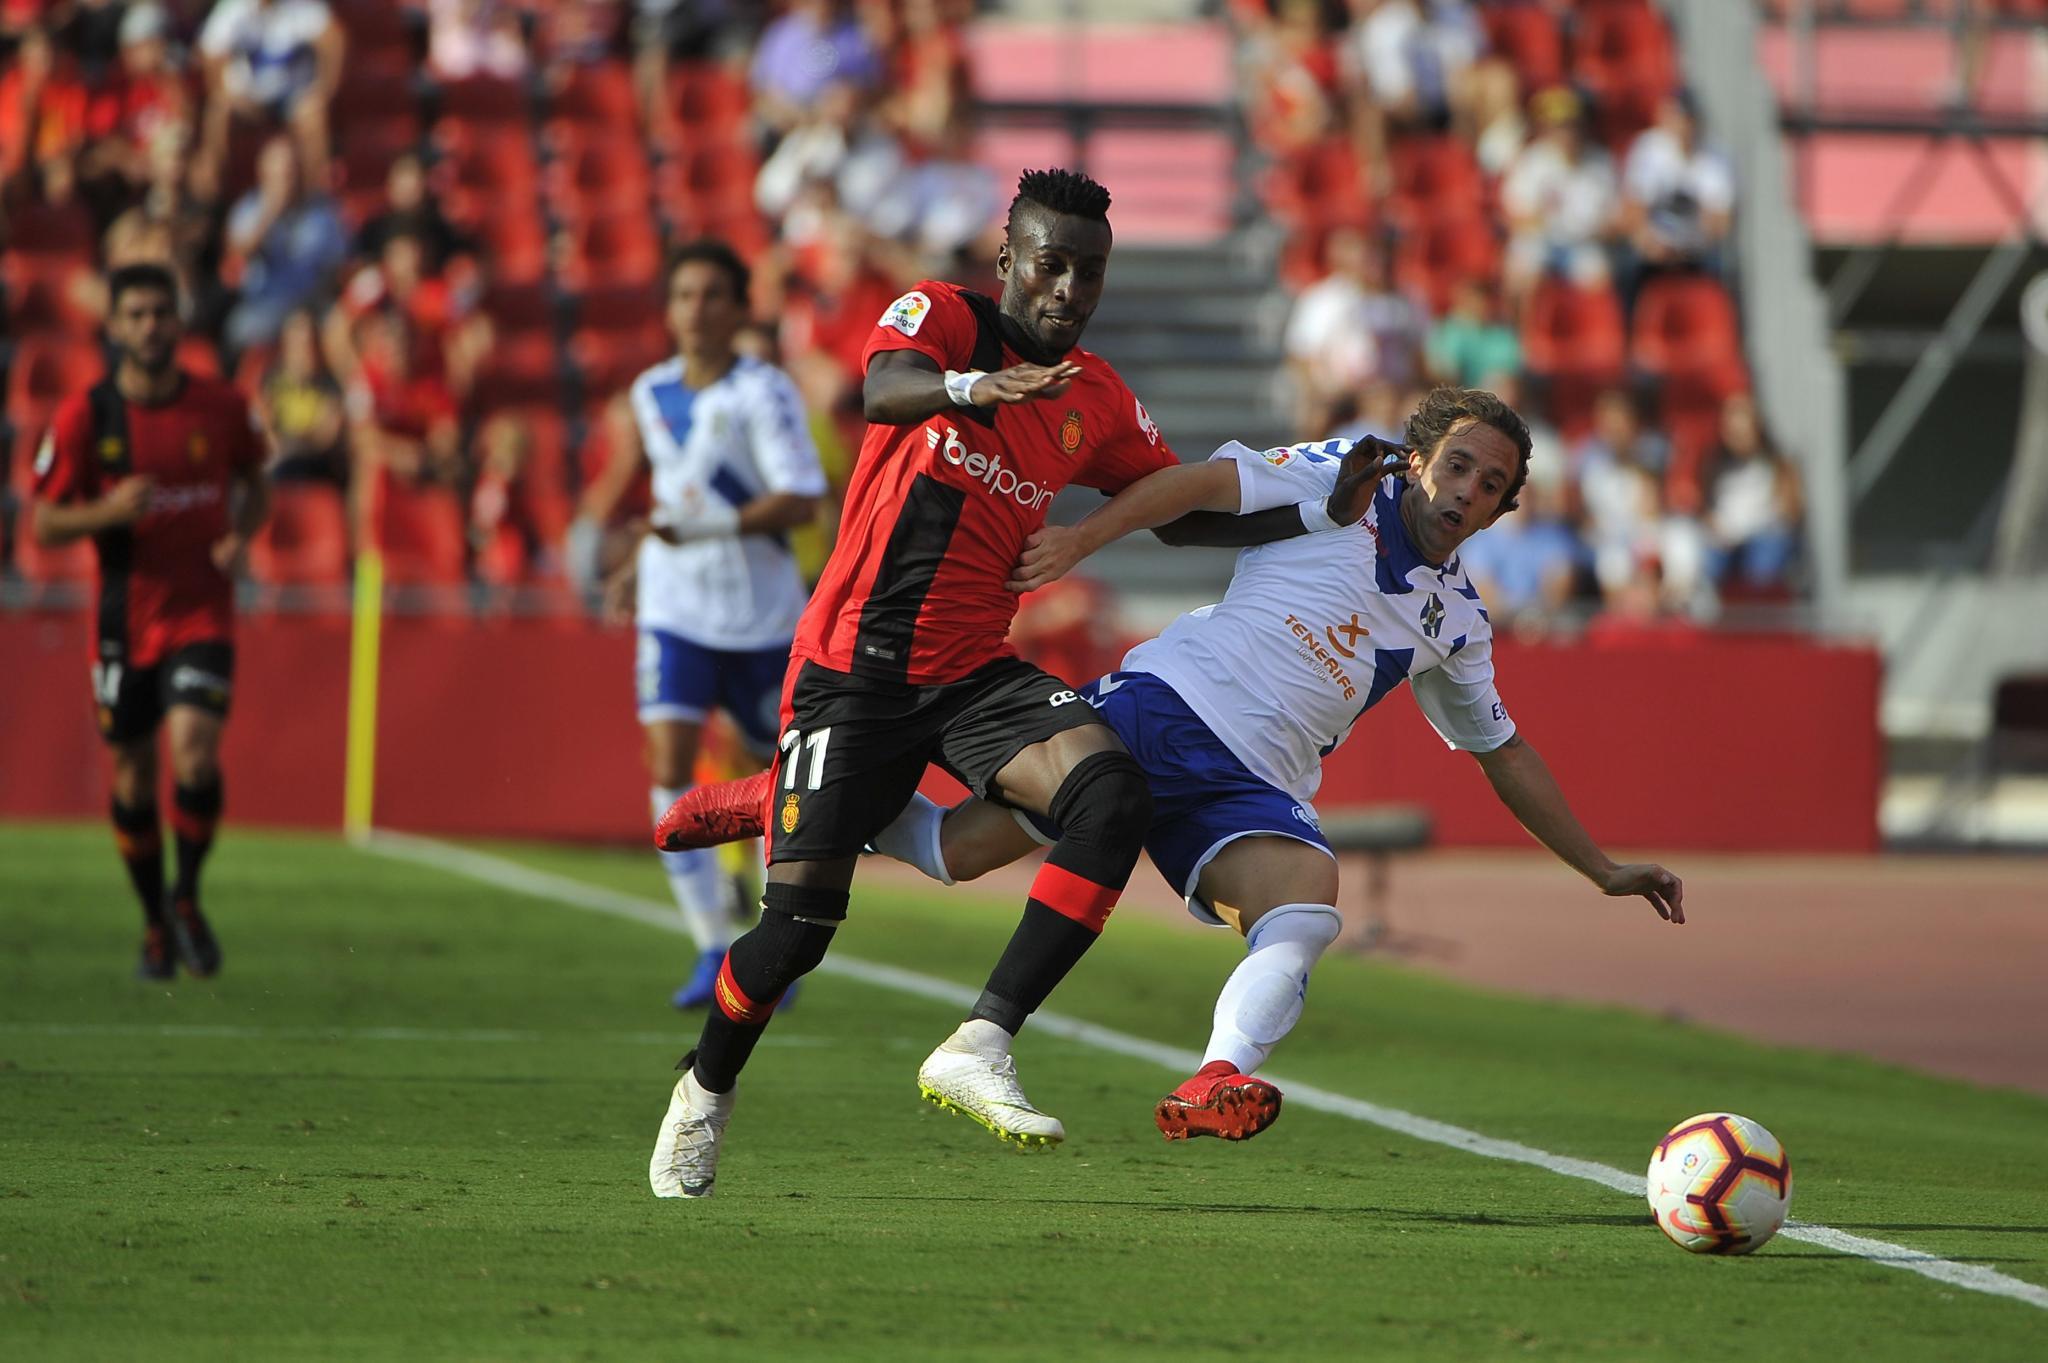 Real Mallorca gegen Teneriffa im Torrausch